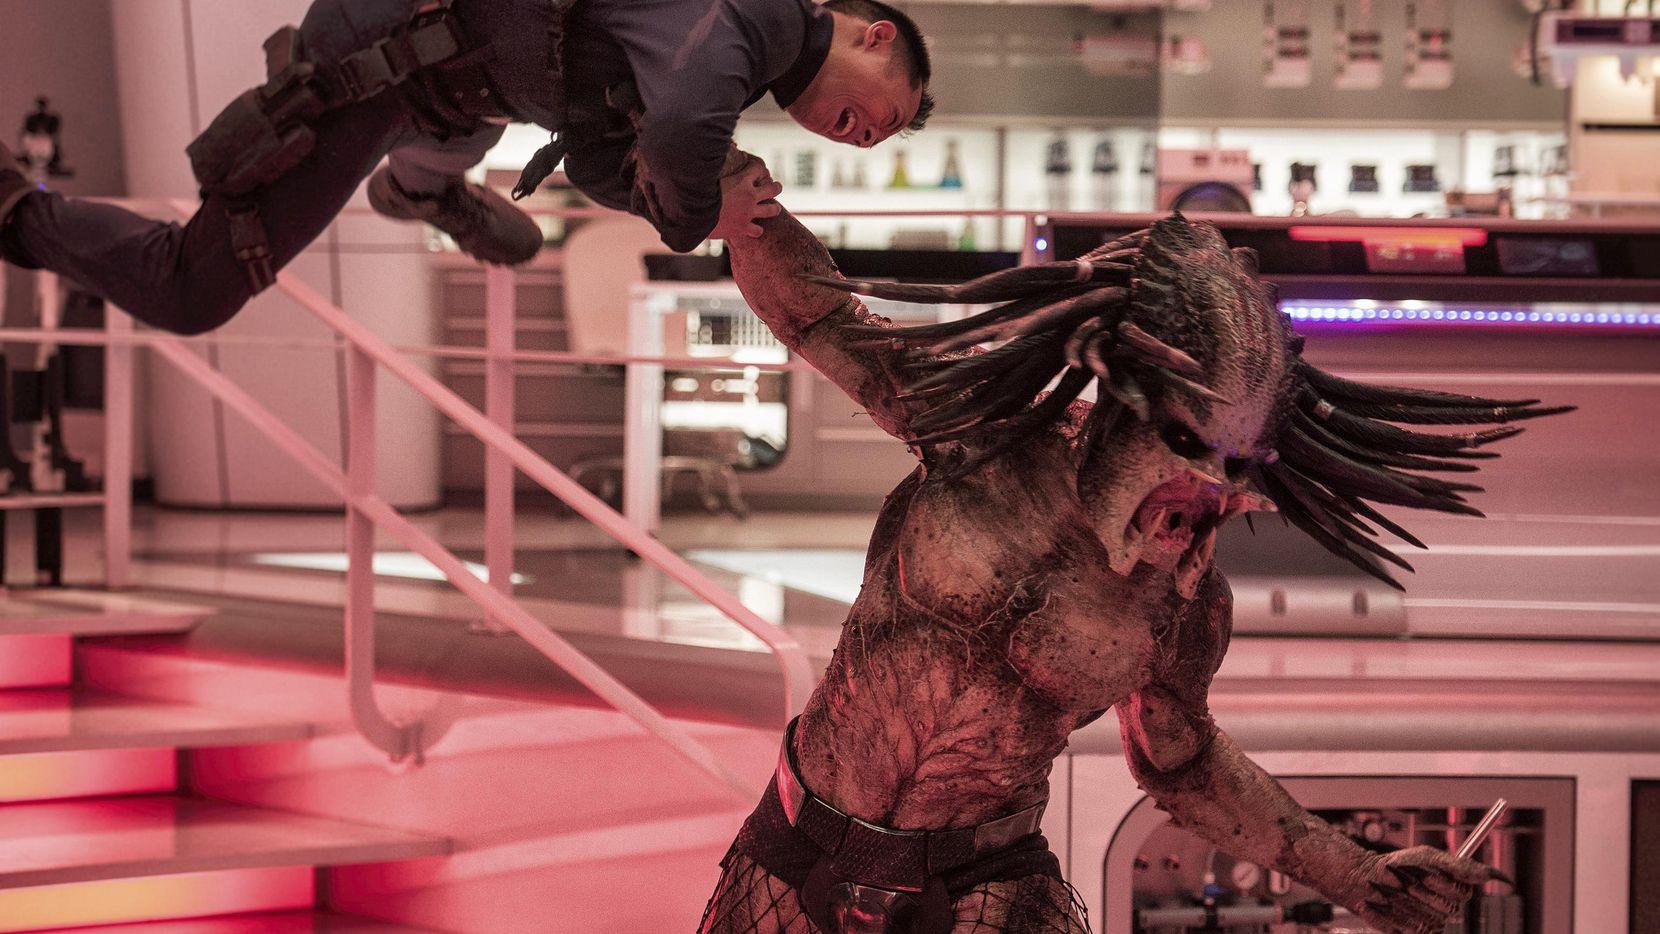 """Una escena de la película """"The Predator"""", del director Shake Black, que se estrenó el viernes.(20th Century Fox)"""